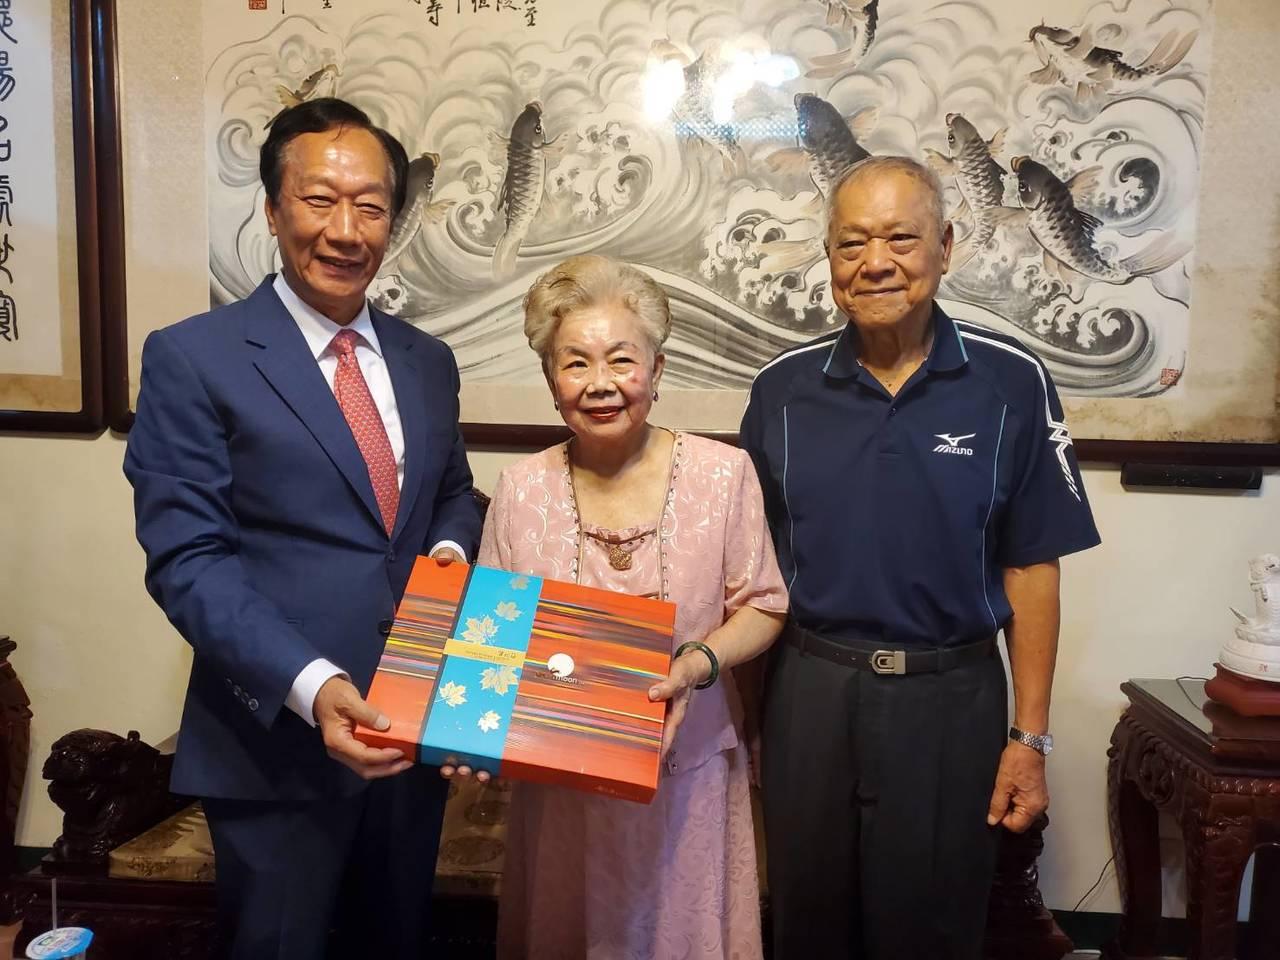 鴻海創辦人郭台銘送柯媽媽與柯爸爸的月餅。圖/郭台銘辦公室提供